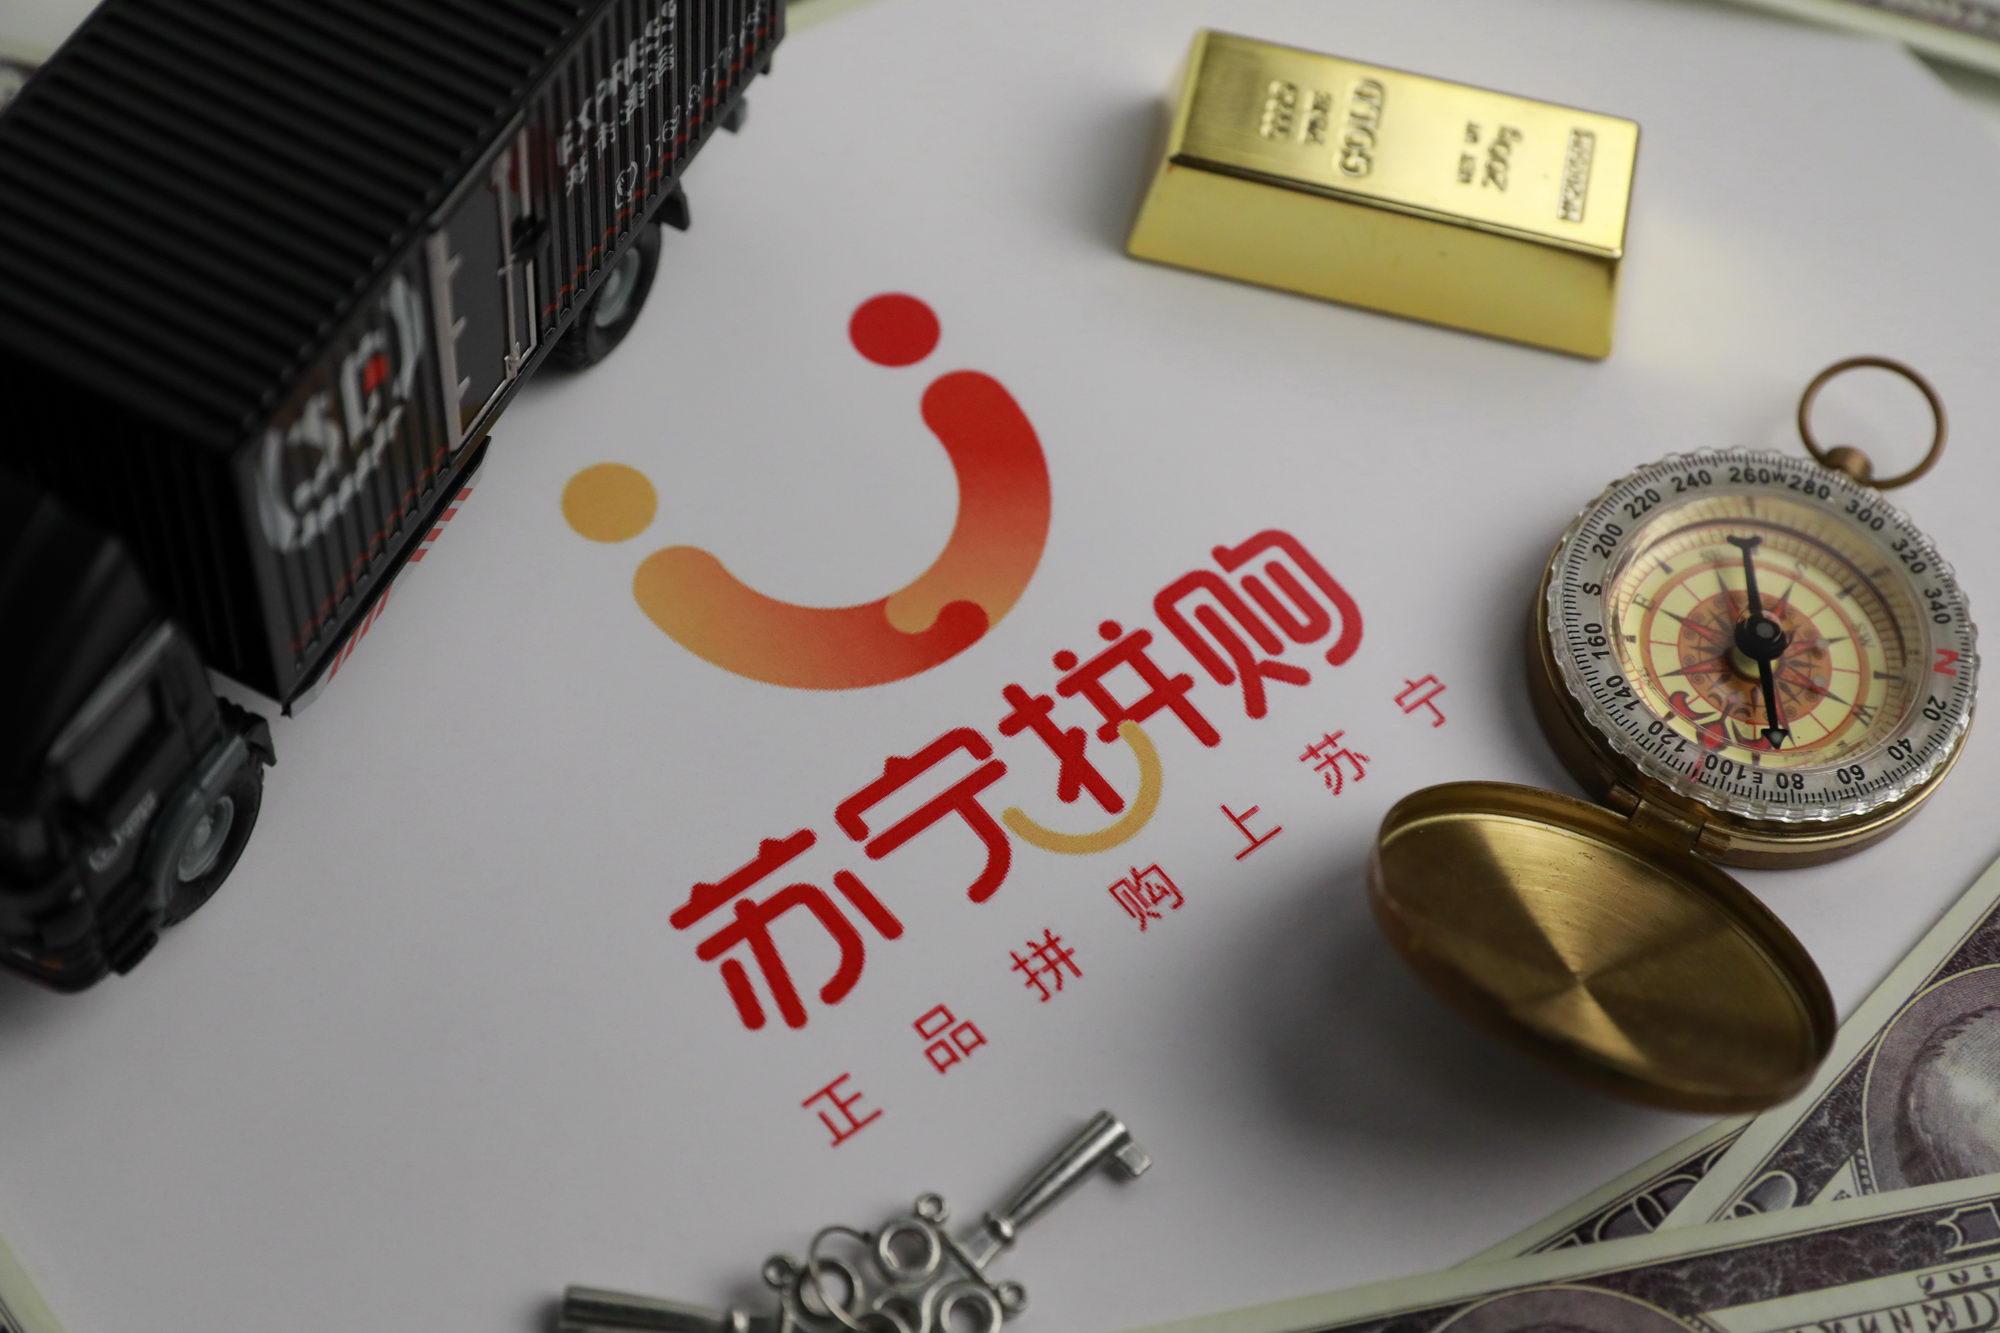 苏宁拼购和达令家联手上线新产品